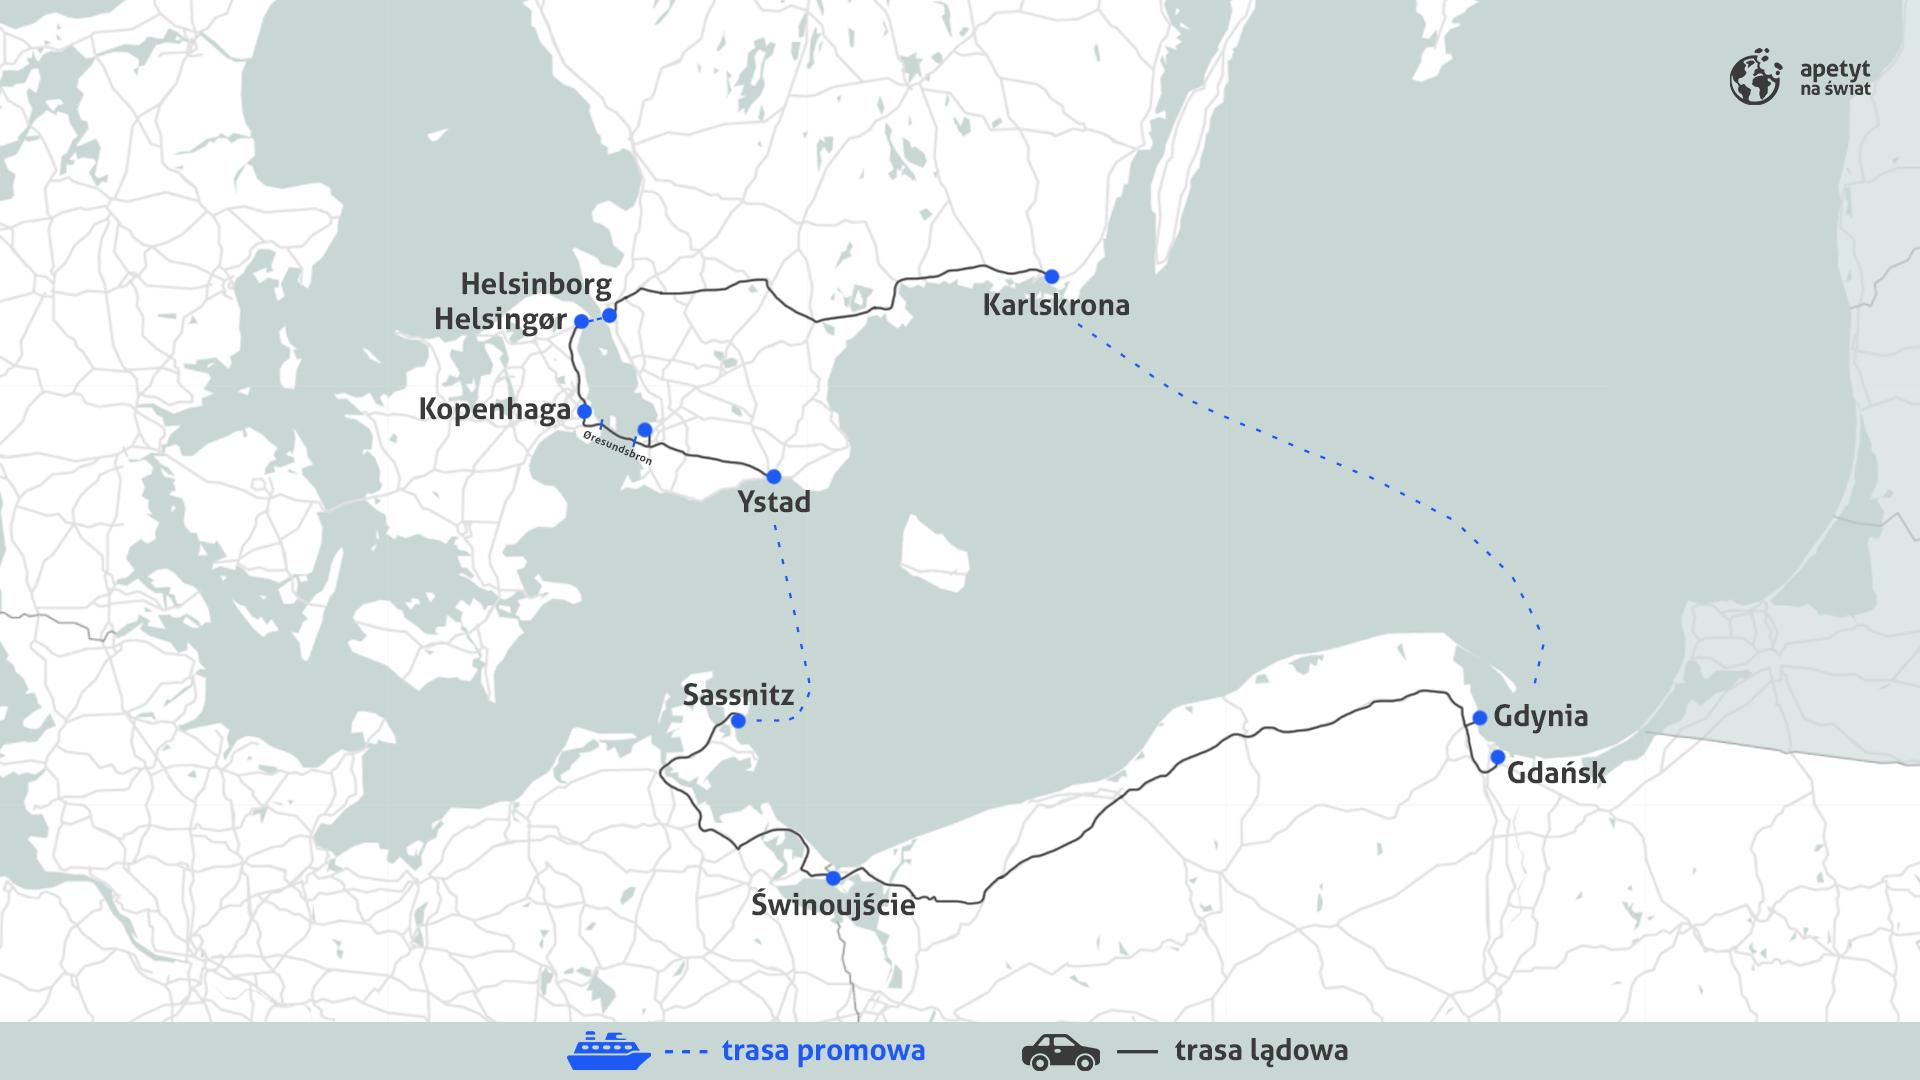 Samochodowa wycieczka przezSzwecję, Danię iNiemcy - mapka trasy